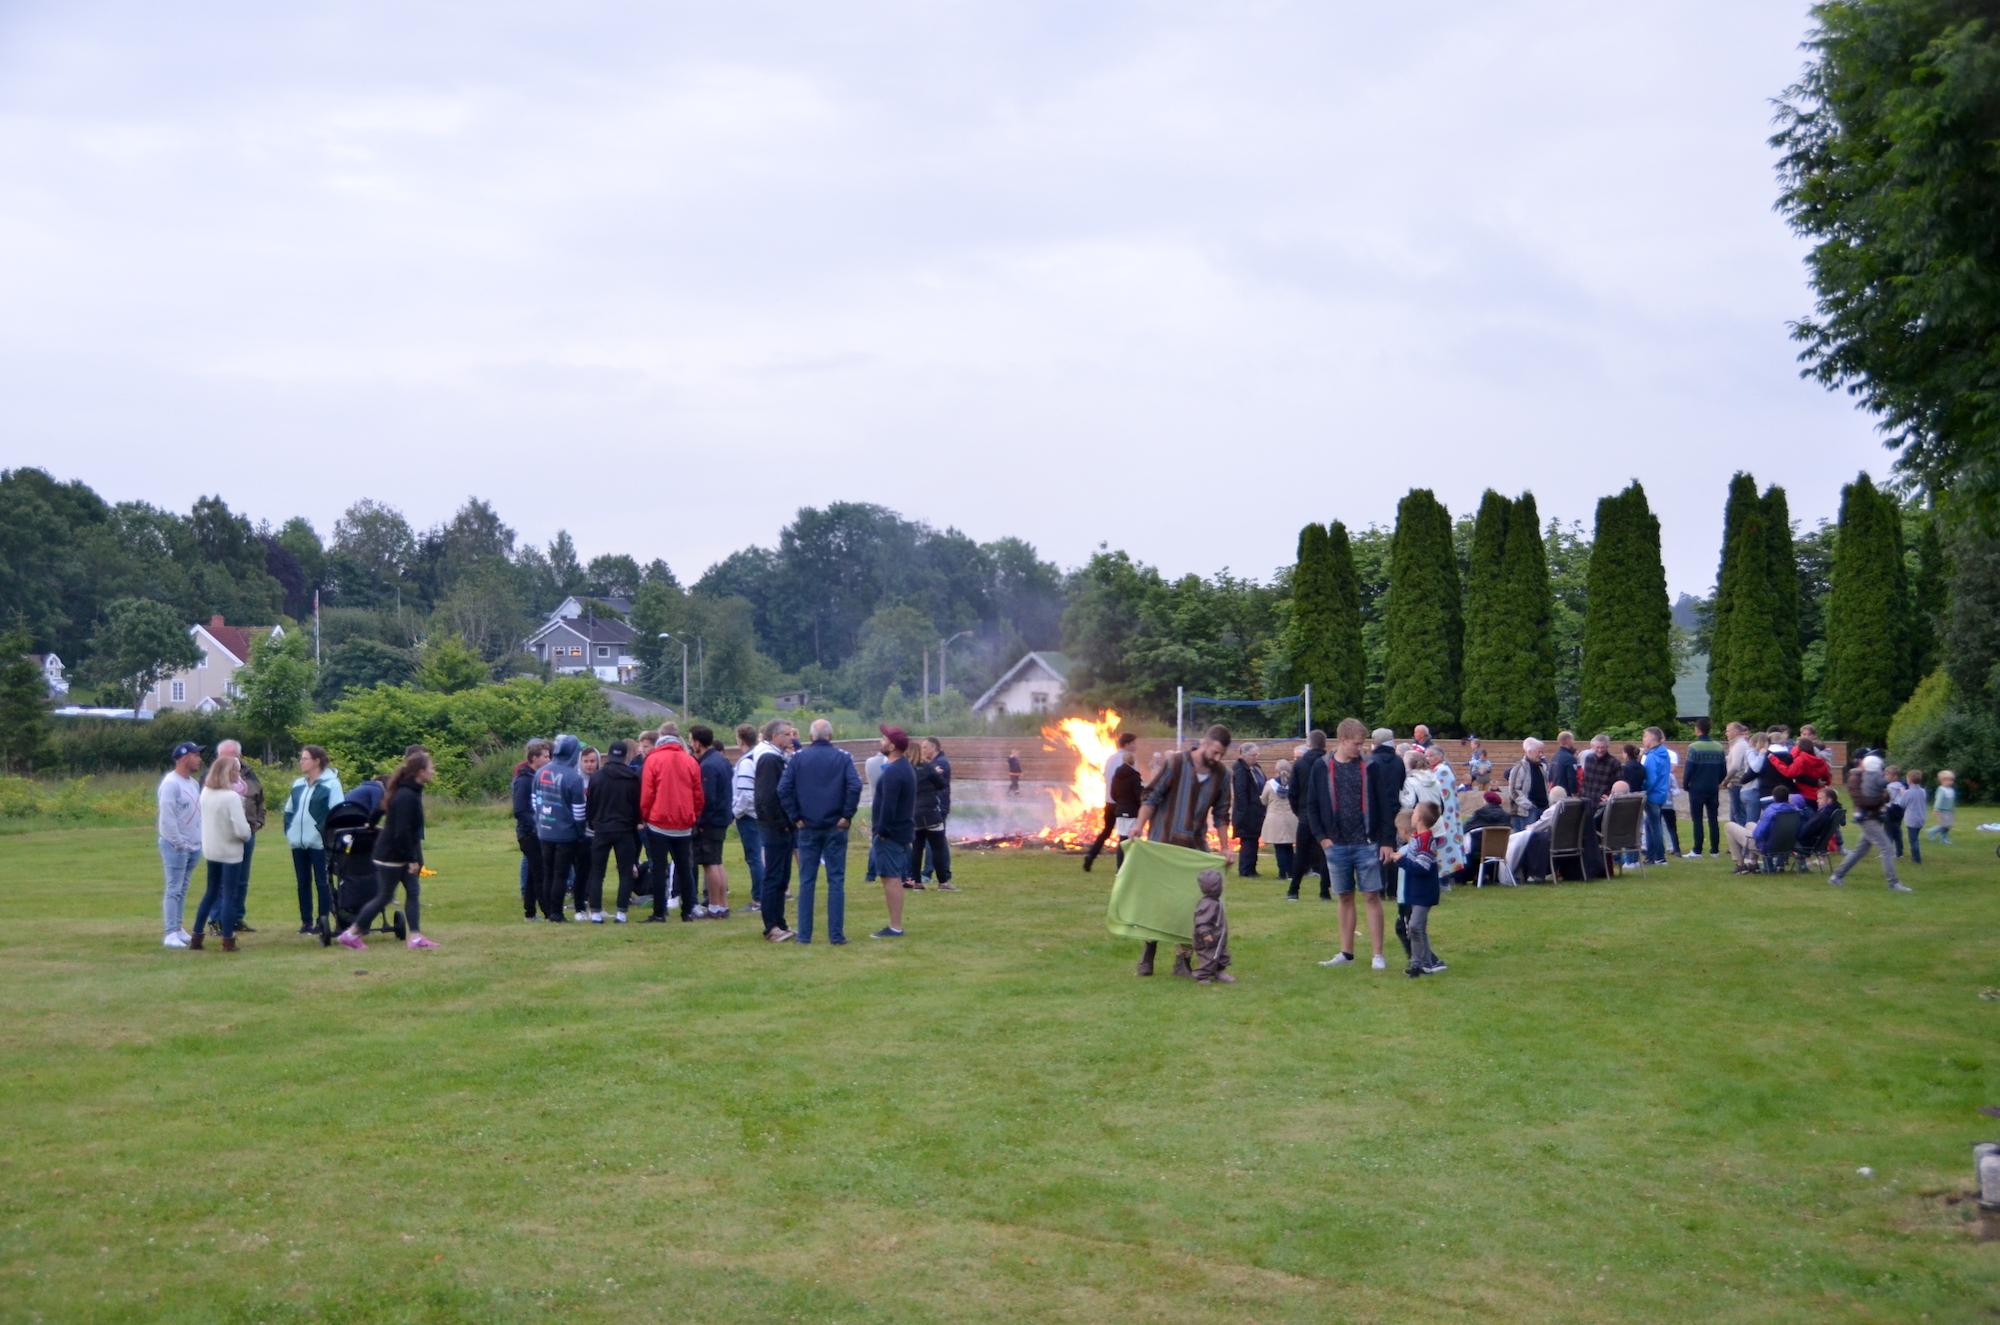 St. Hans feiring på Dal Gård